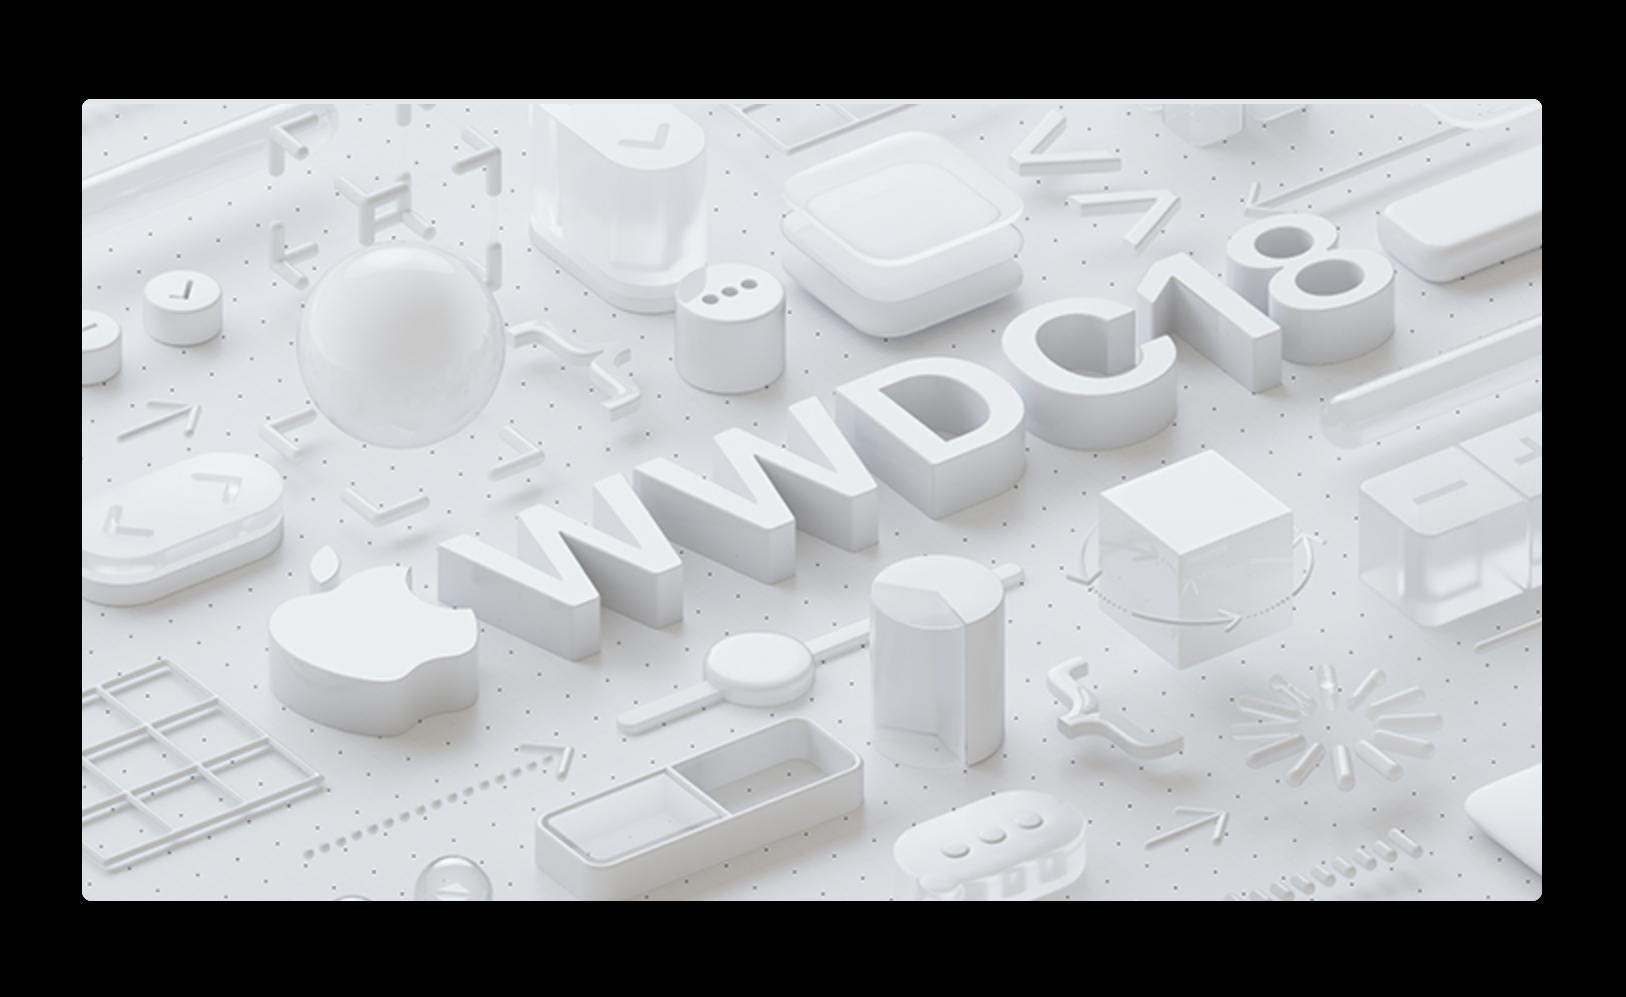 Apple、WWDC 2018 基調講演のメディア招待状を送る